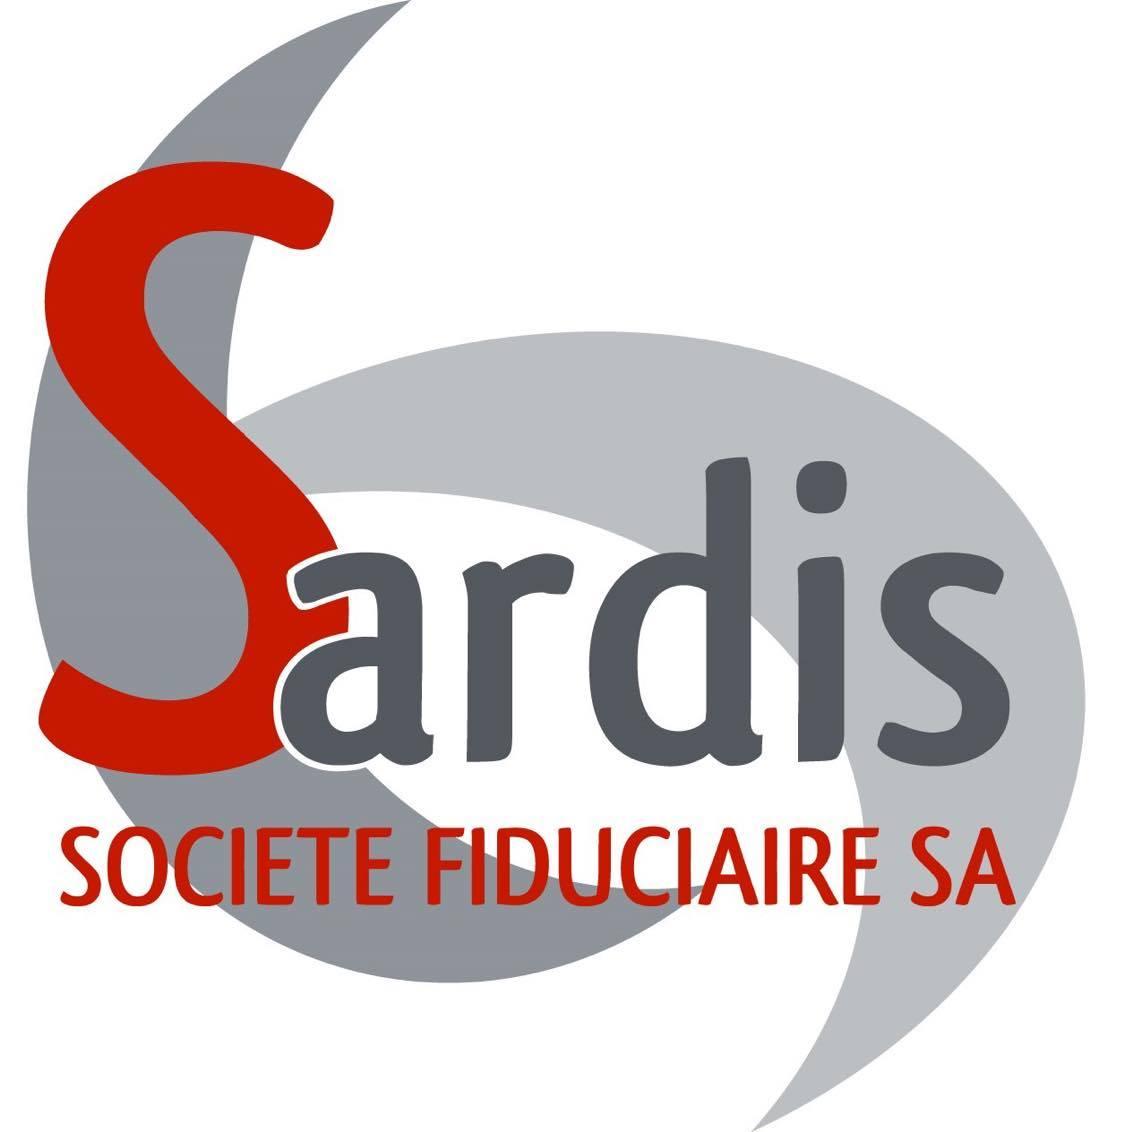 SARDIS Société Fiduciaire SA